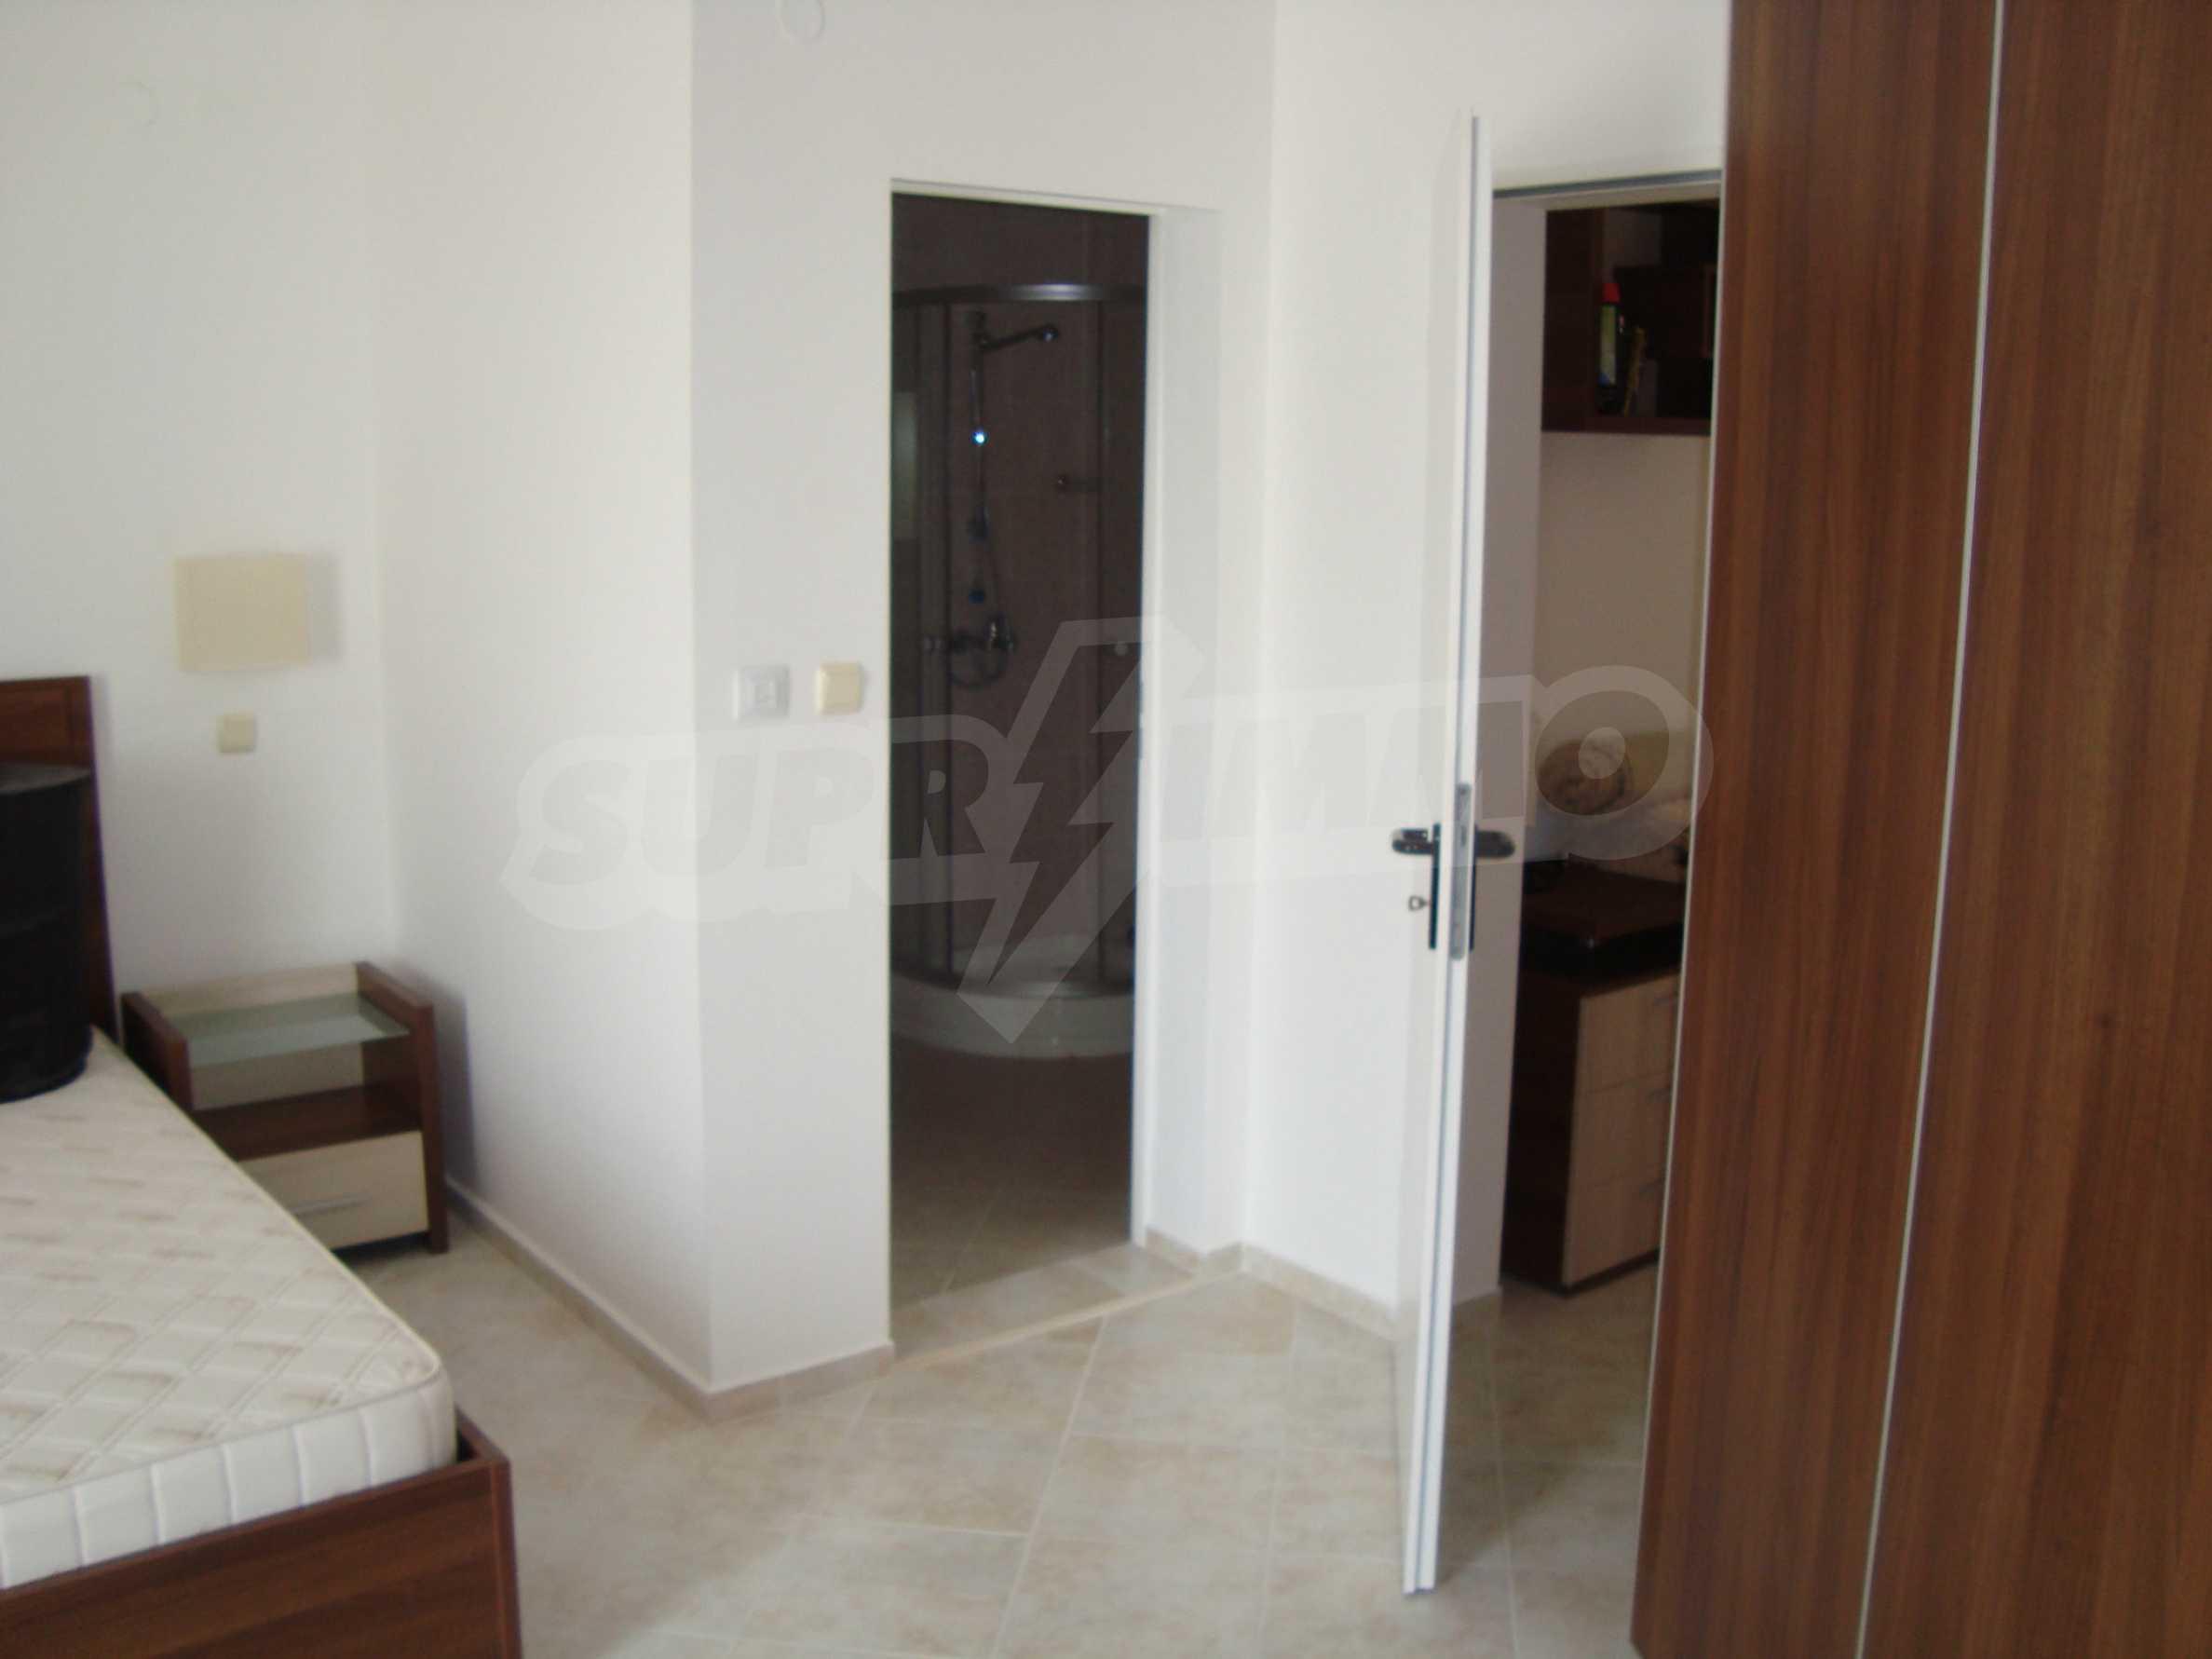 Großes Penthouse zum Verkauf in Sunset 2 Kosharitsa 22